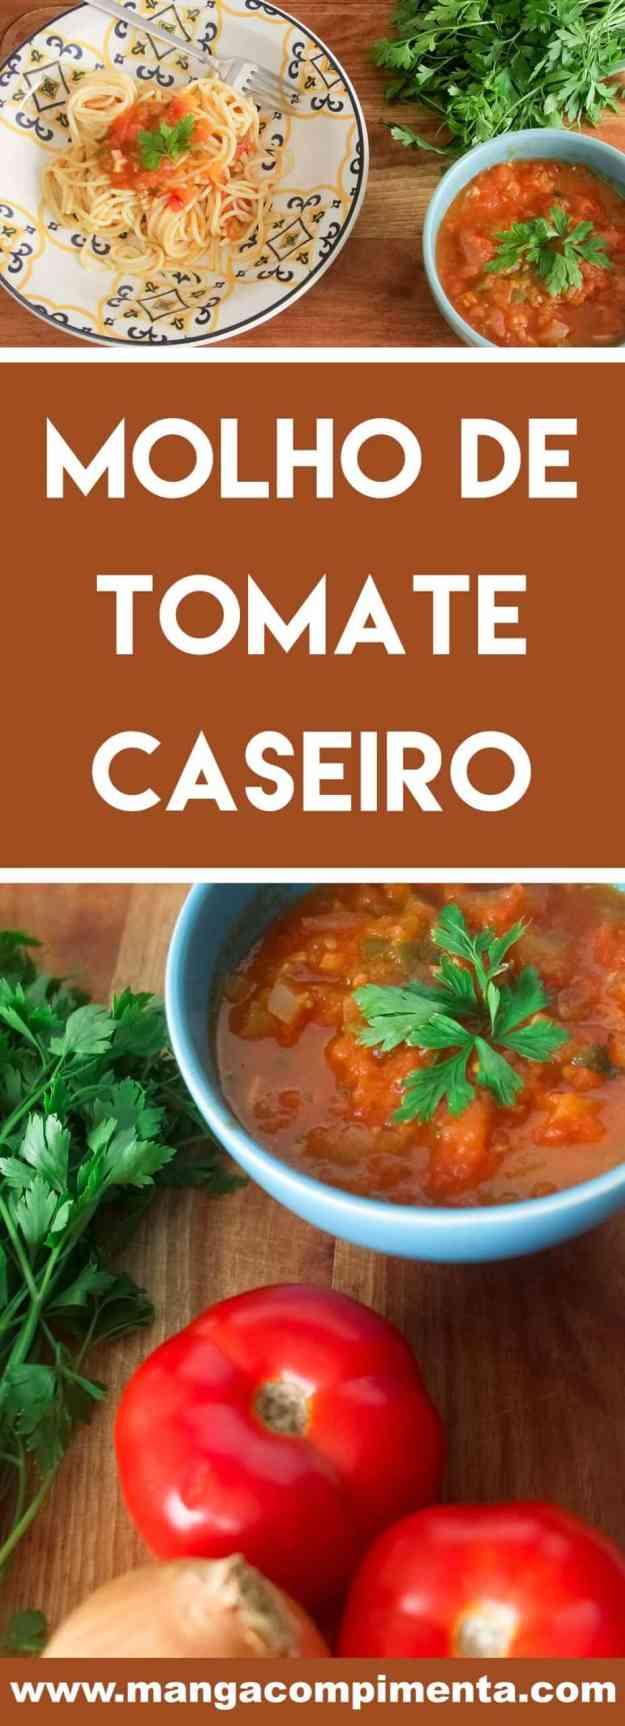 Receita de Molho de Tomate Caseiro - para fazer bonito no macarrão de domingo!